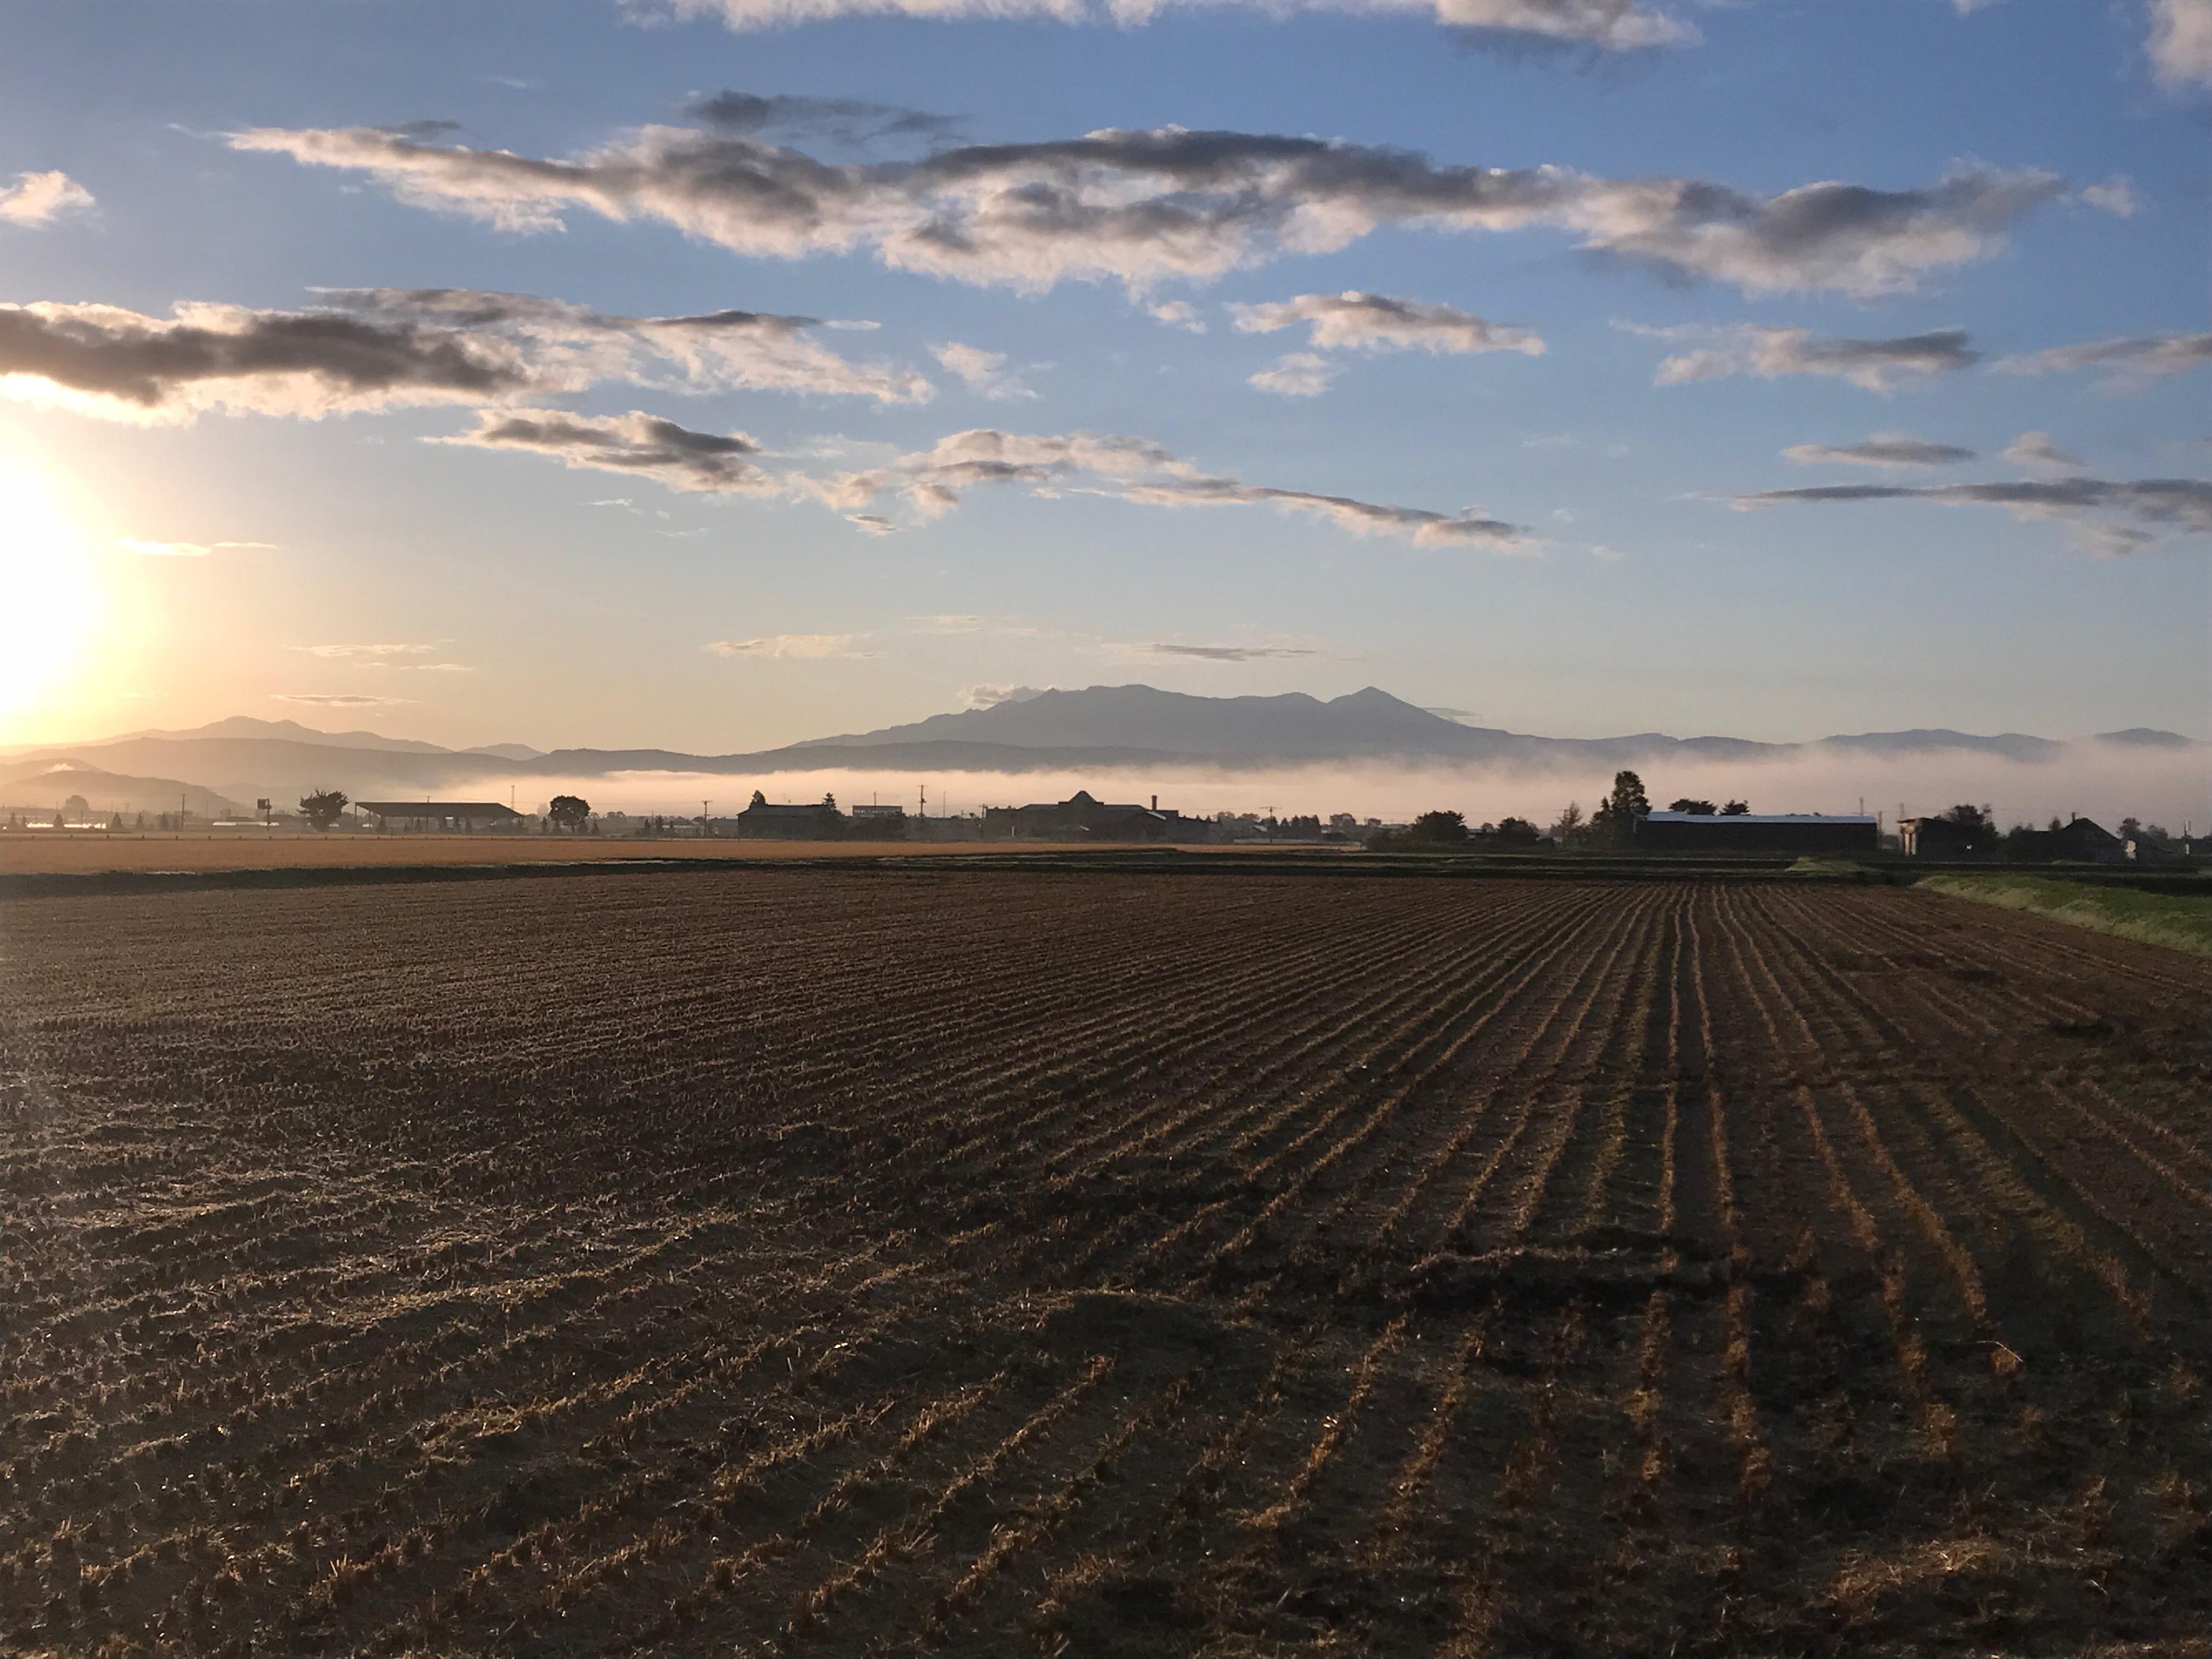 朝日が昇る朝と大雪山